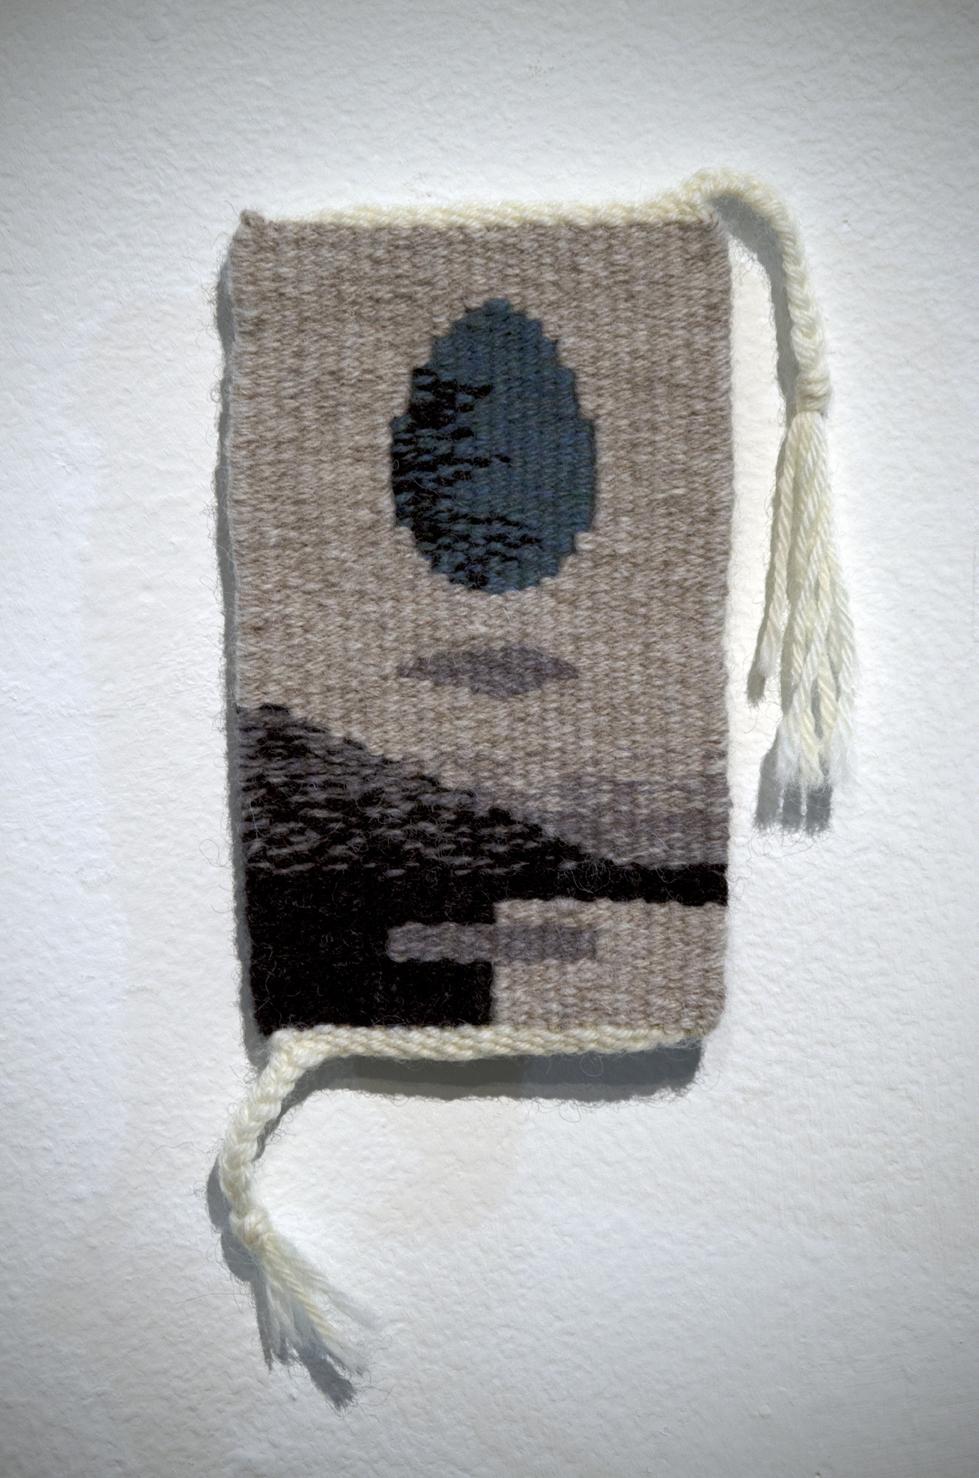 """Annette Harrison  """"Cosmic Egg II,"""" 2016  wool  Olympia, WA  8.5""""x4.25""""x.125""""  $225"""